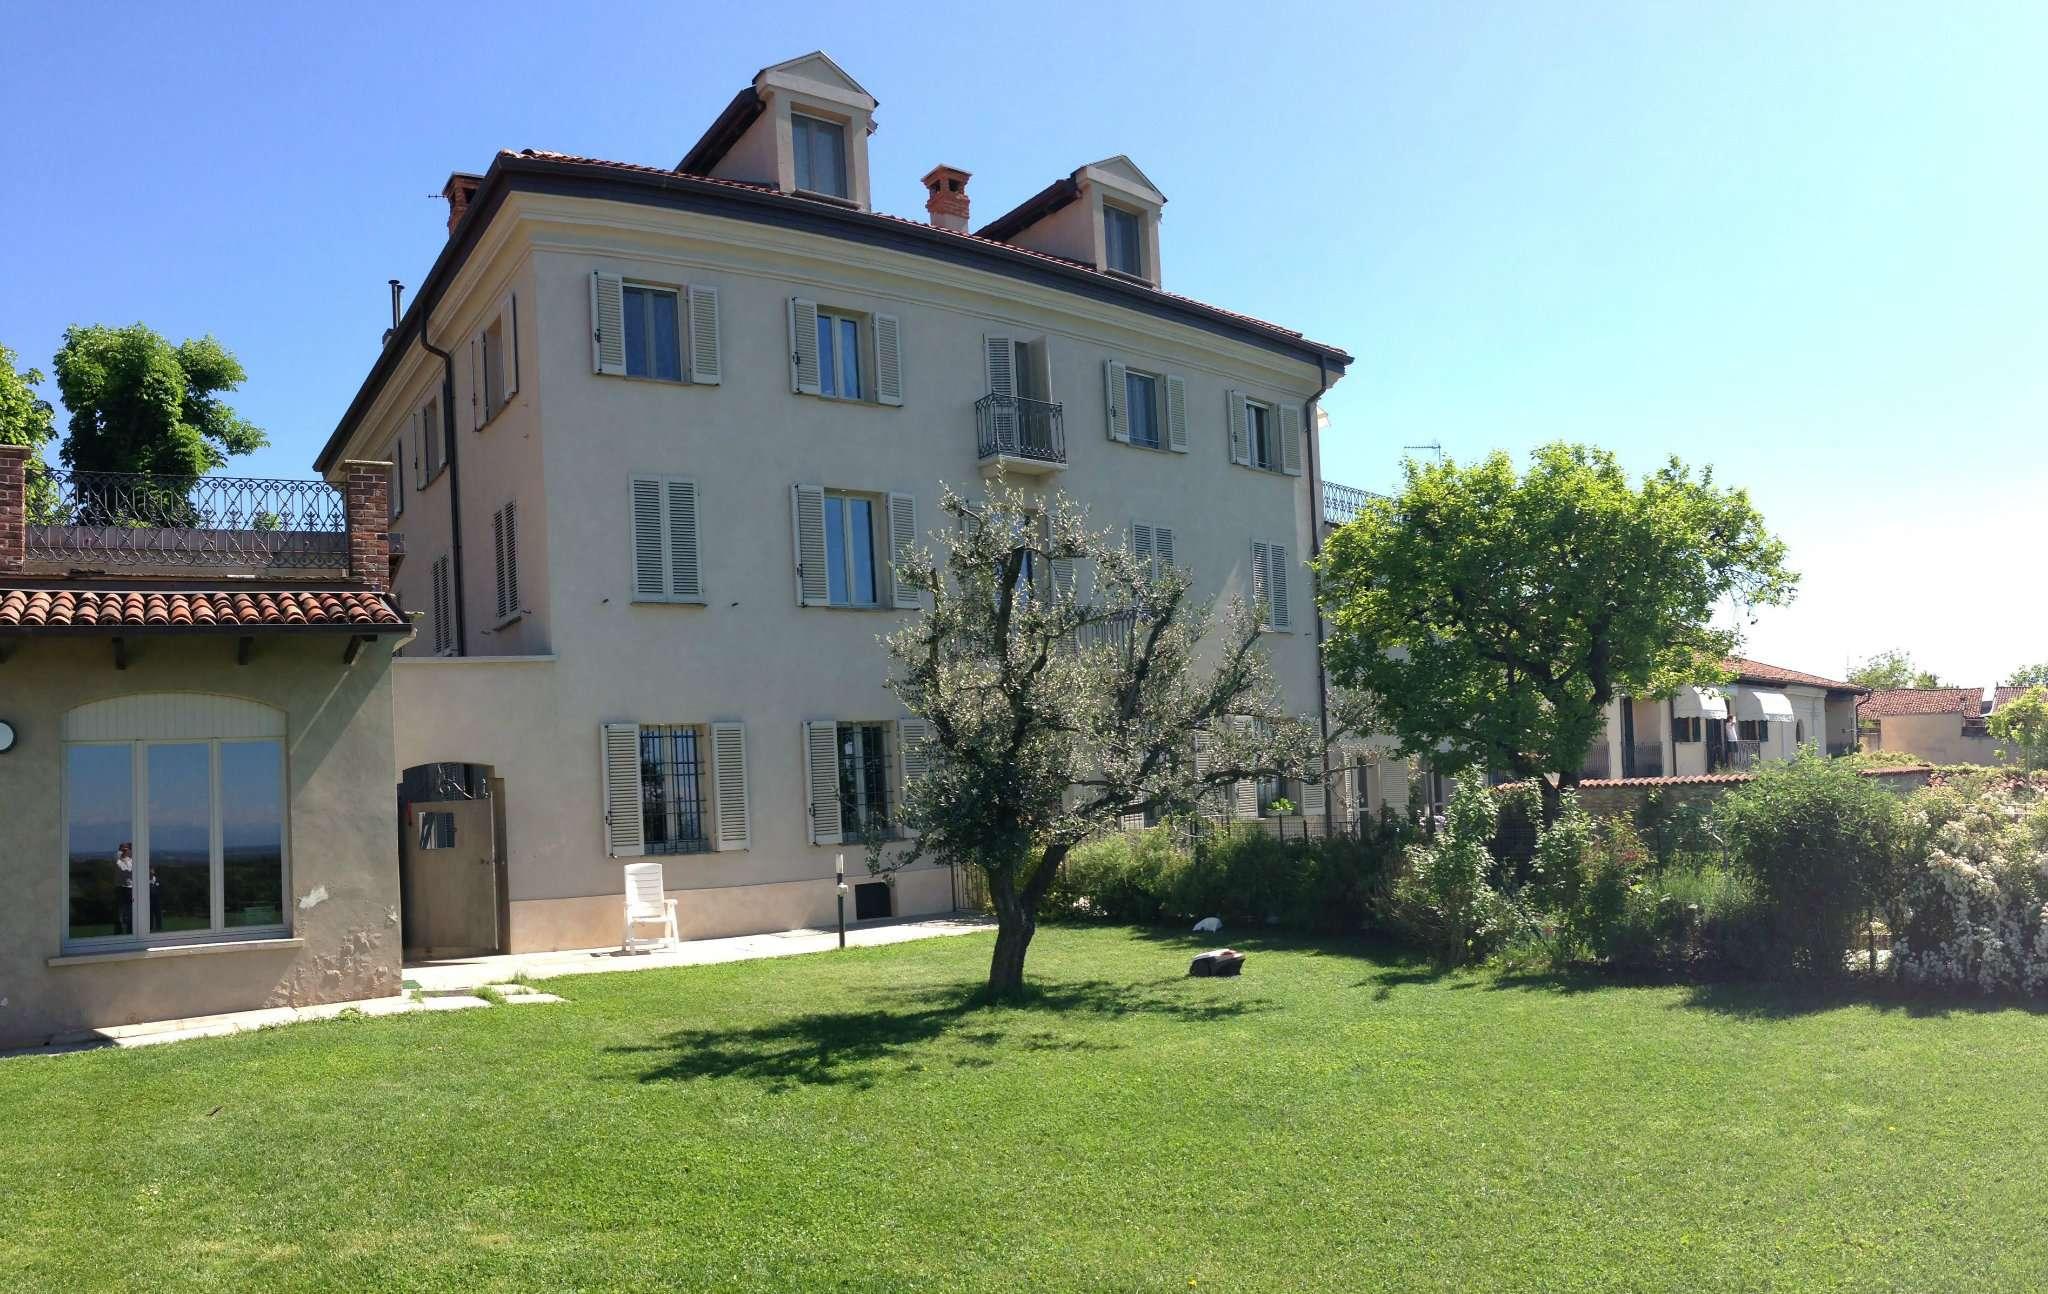 In splendida villa del 1700 ristrutturata, appartamento di 220 mq arredato con 800 mq di giardino.